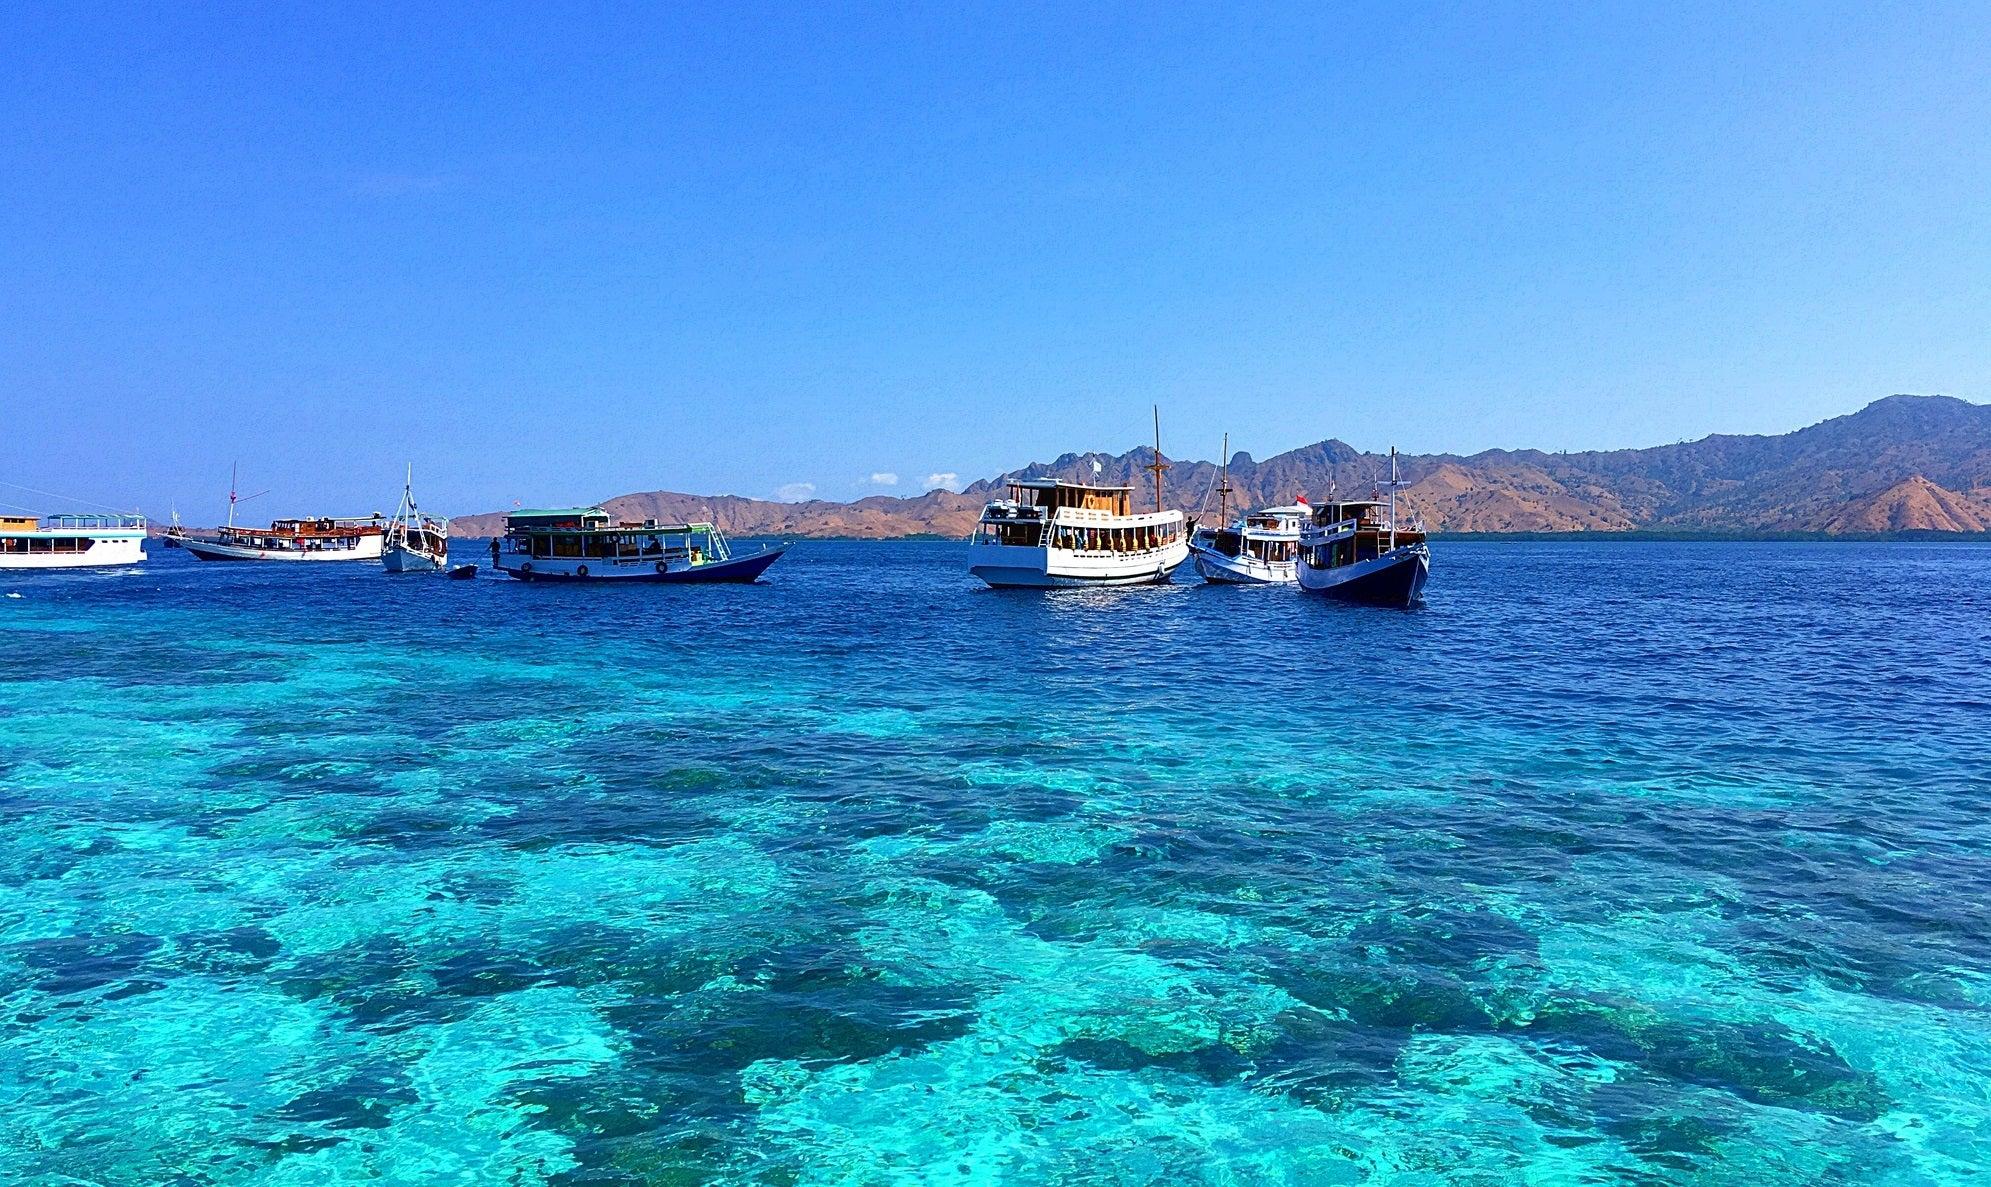 Indonesia's Taka Makassar Island_v2.jpg